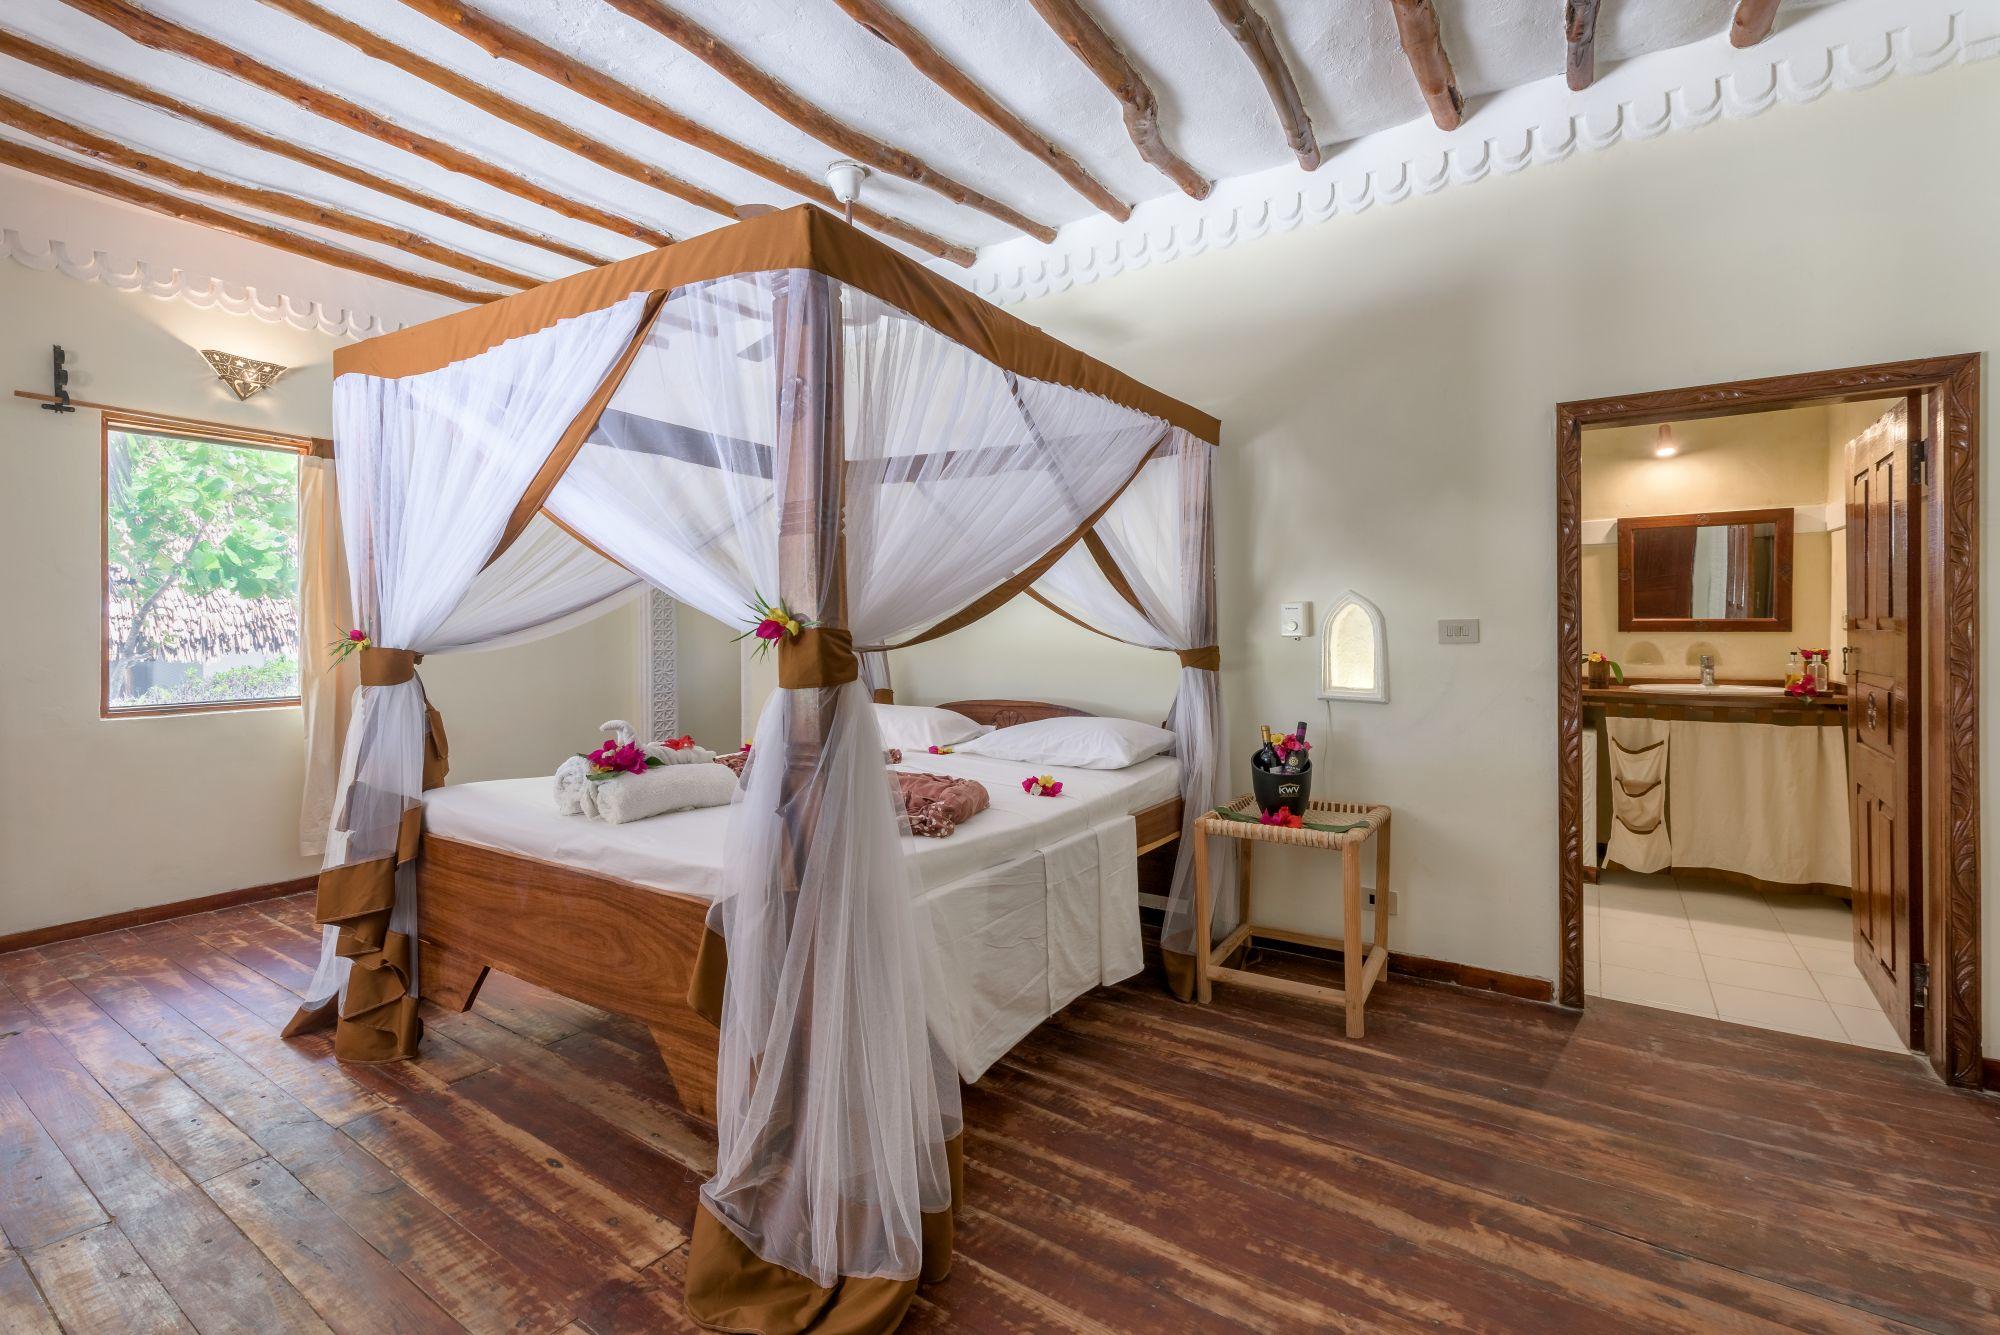 Hakuna Majiwe Beach banda room with mosquito net